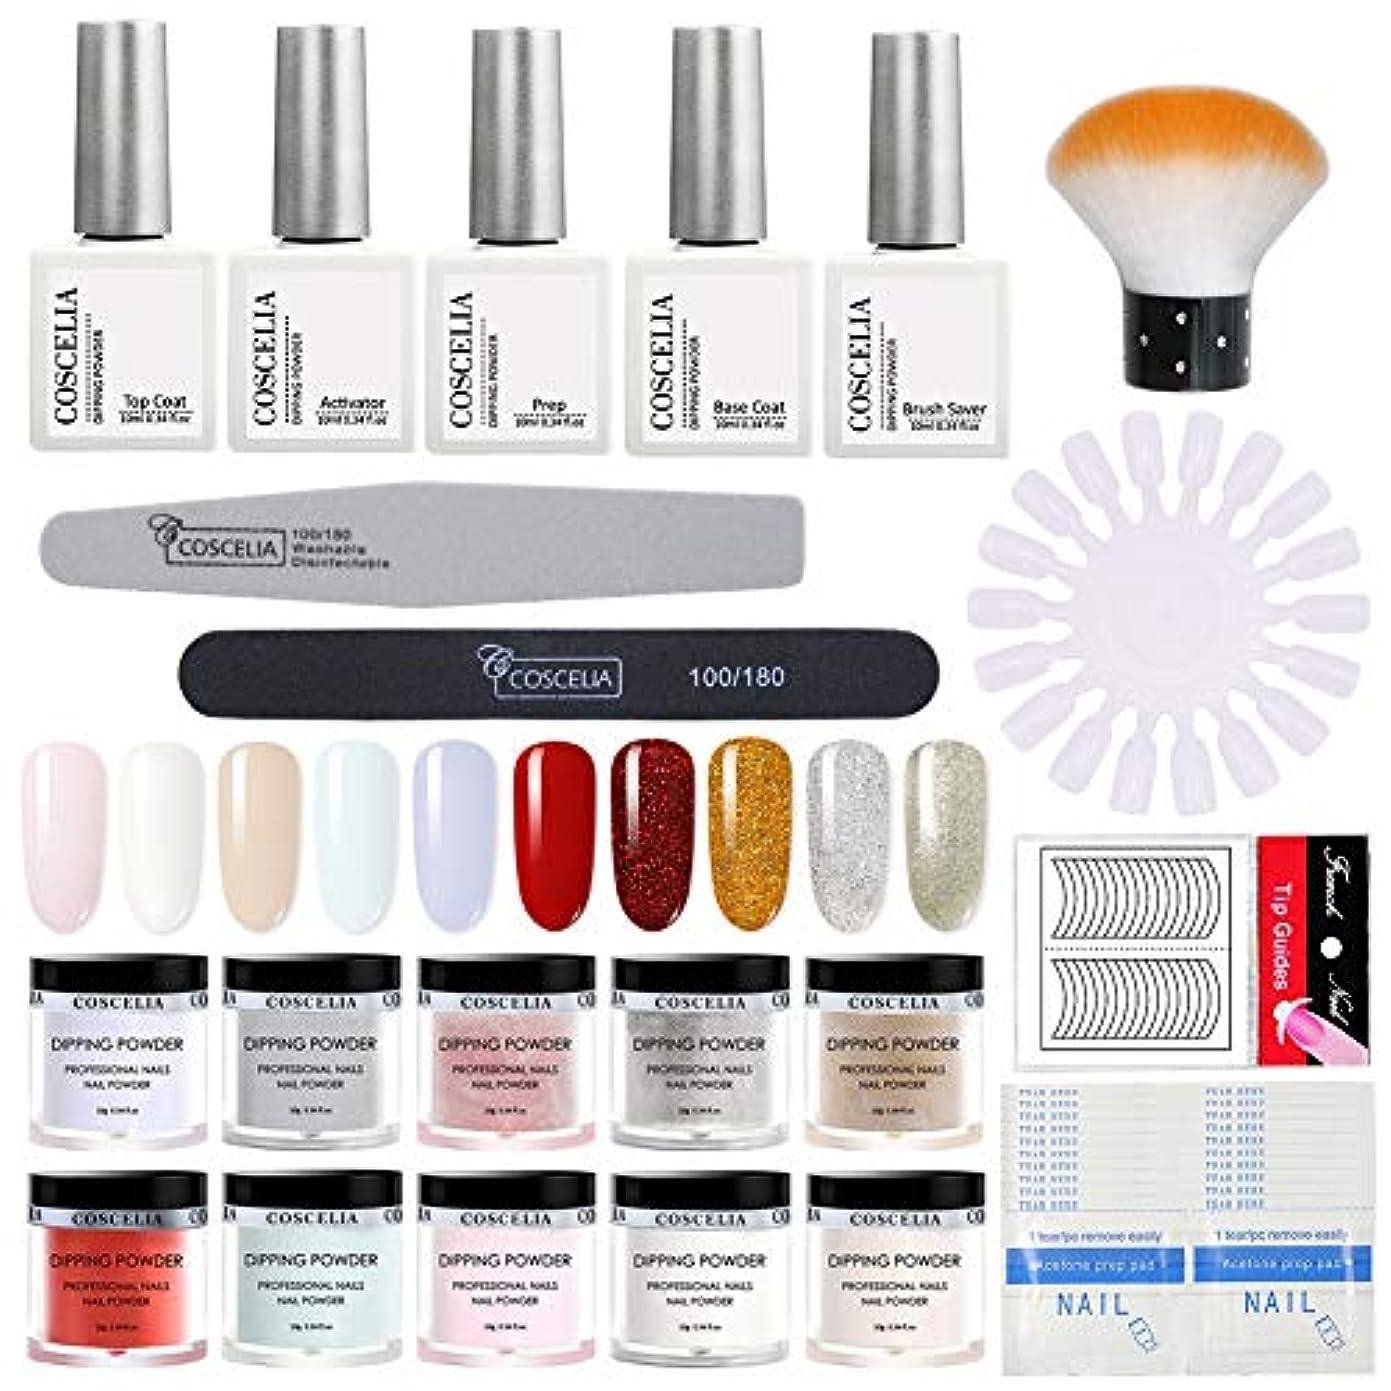 レガシーコウモリタイピスト浸漬パウダーカラー ディッピングパウダー 10色ネイルパウダーセット UV/LEDライトを必要がない ネイルデザインパウダー 自宅ネイル セルフネイルキット